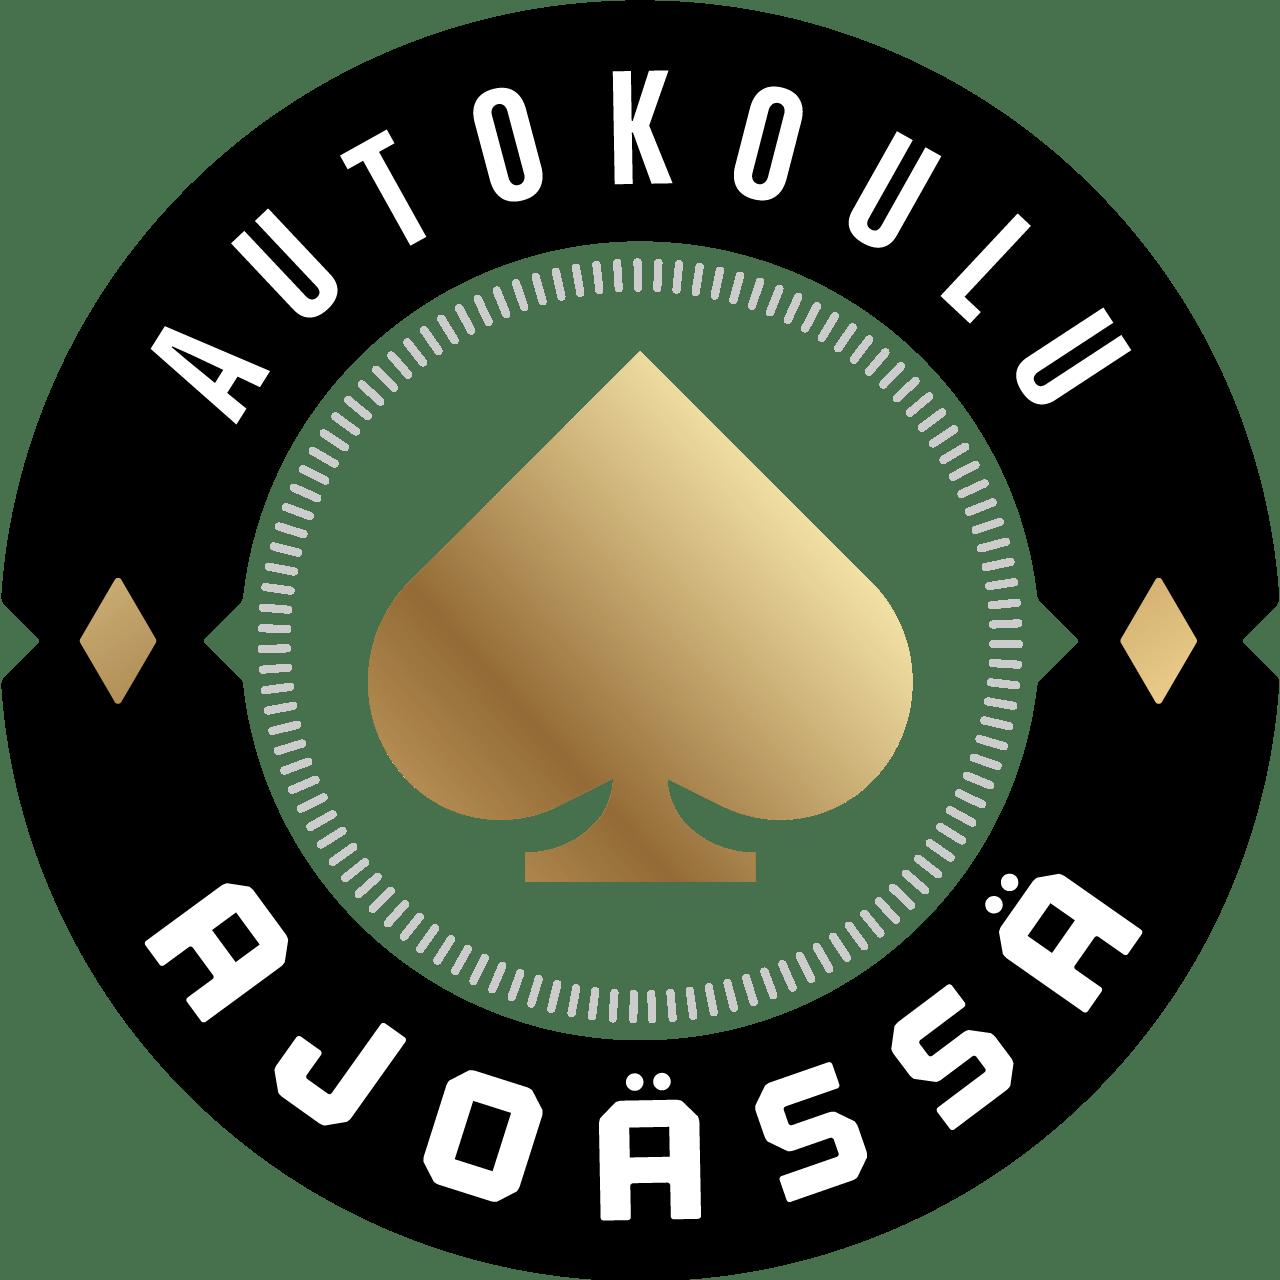 Autokoulu Ajoässä logo